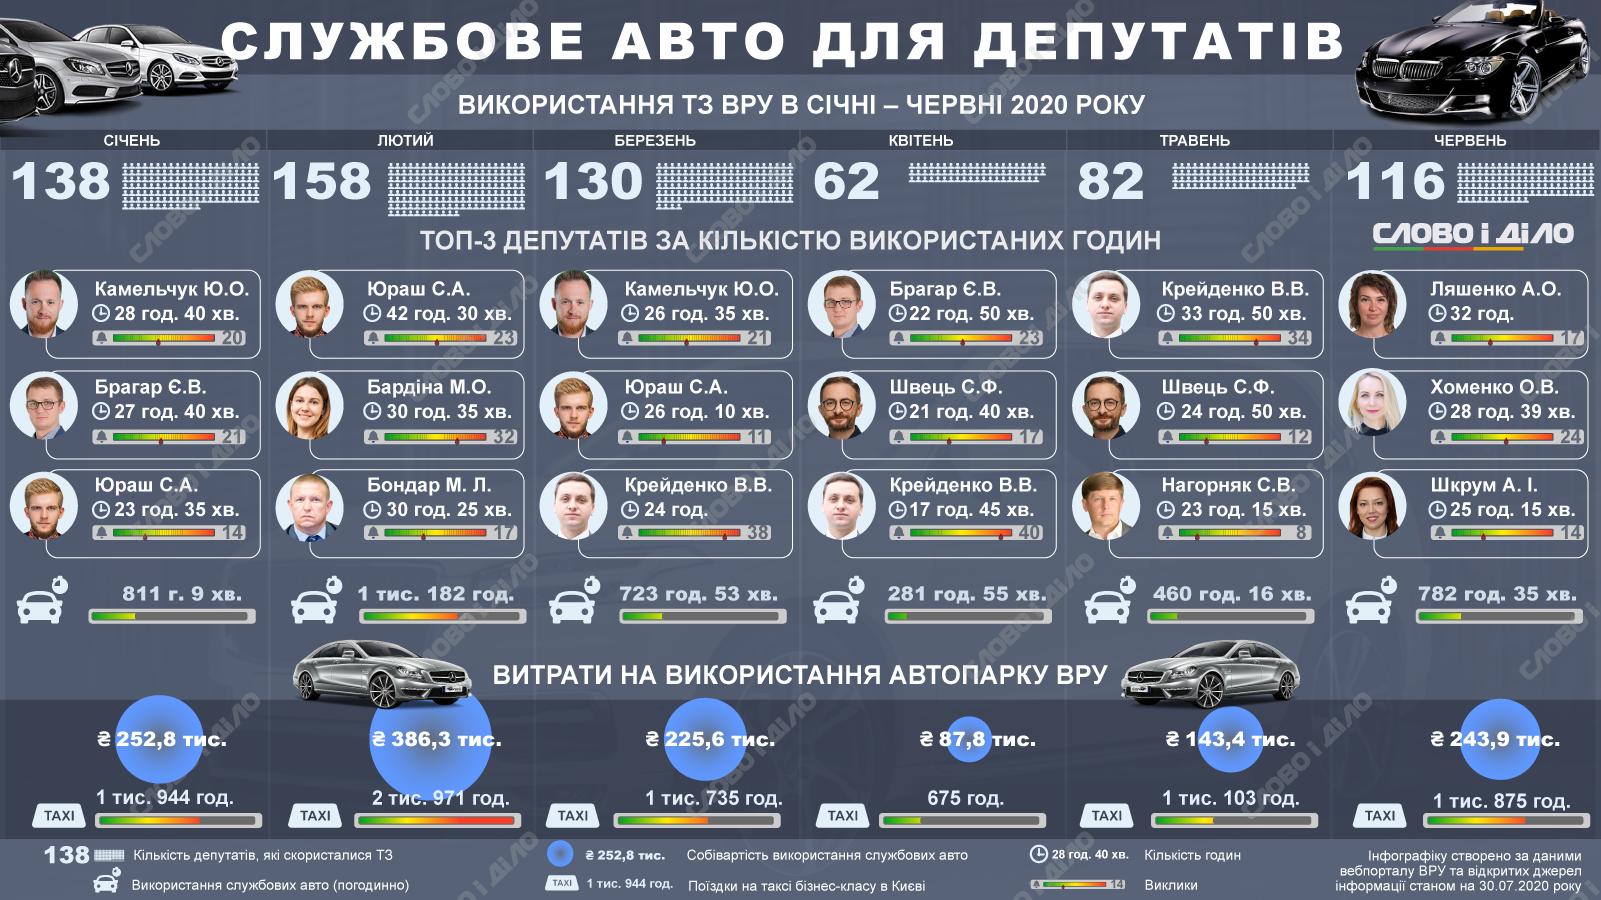 Кто из депутатов нуждался в авто от ВРУ: Цифры